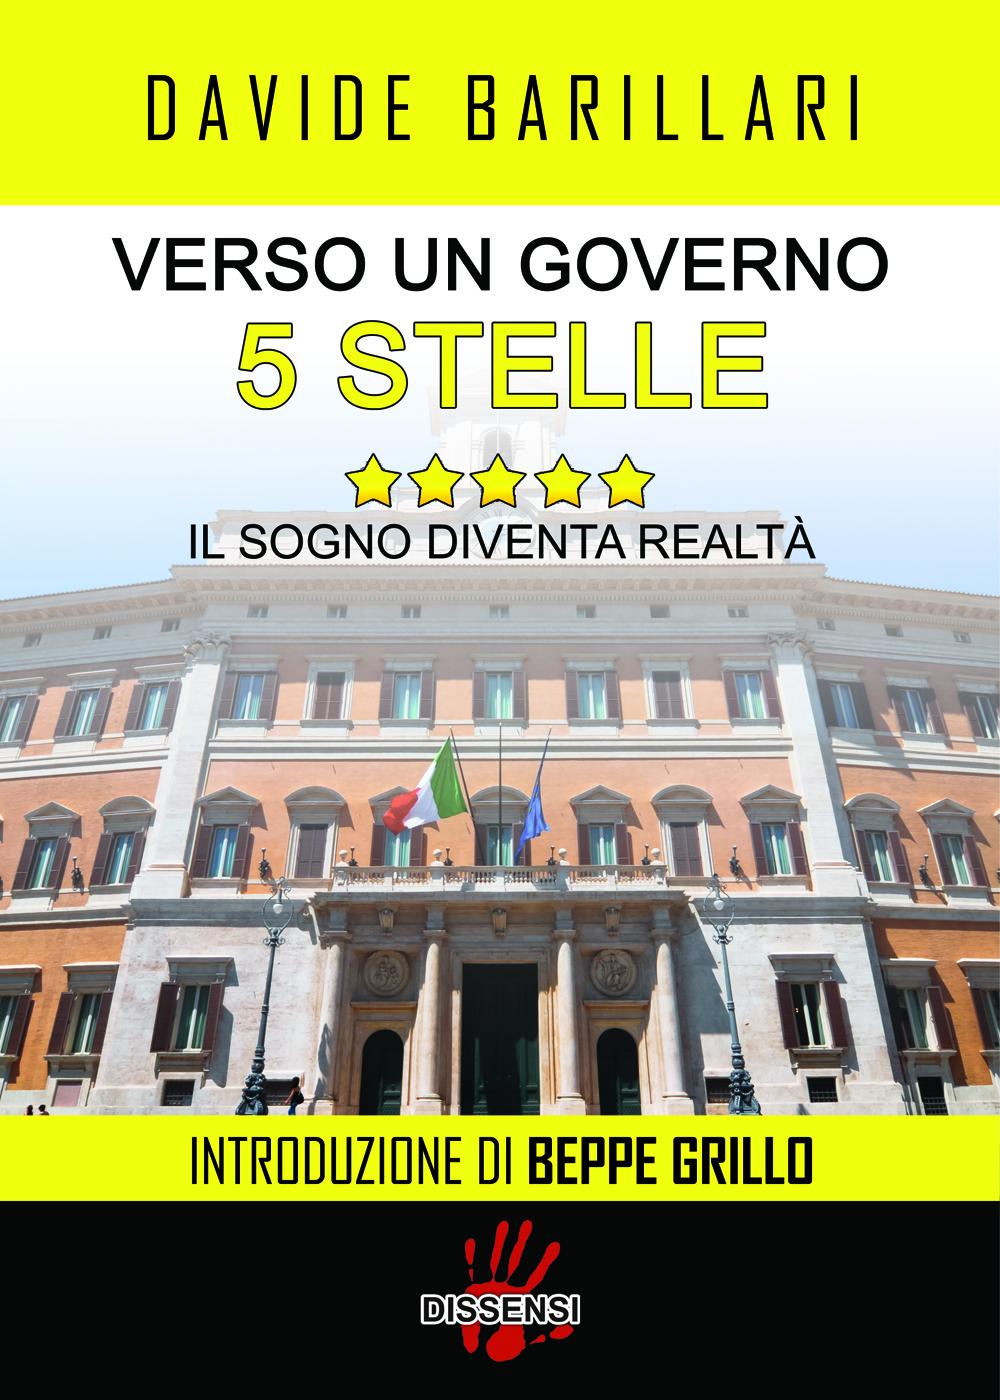 Verso un governo a 5 stelle di Davide Barillari, introduzione di Beppe Grillo-0